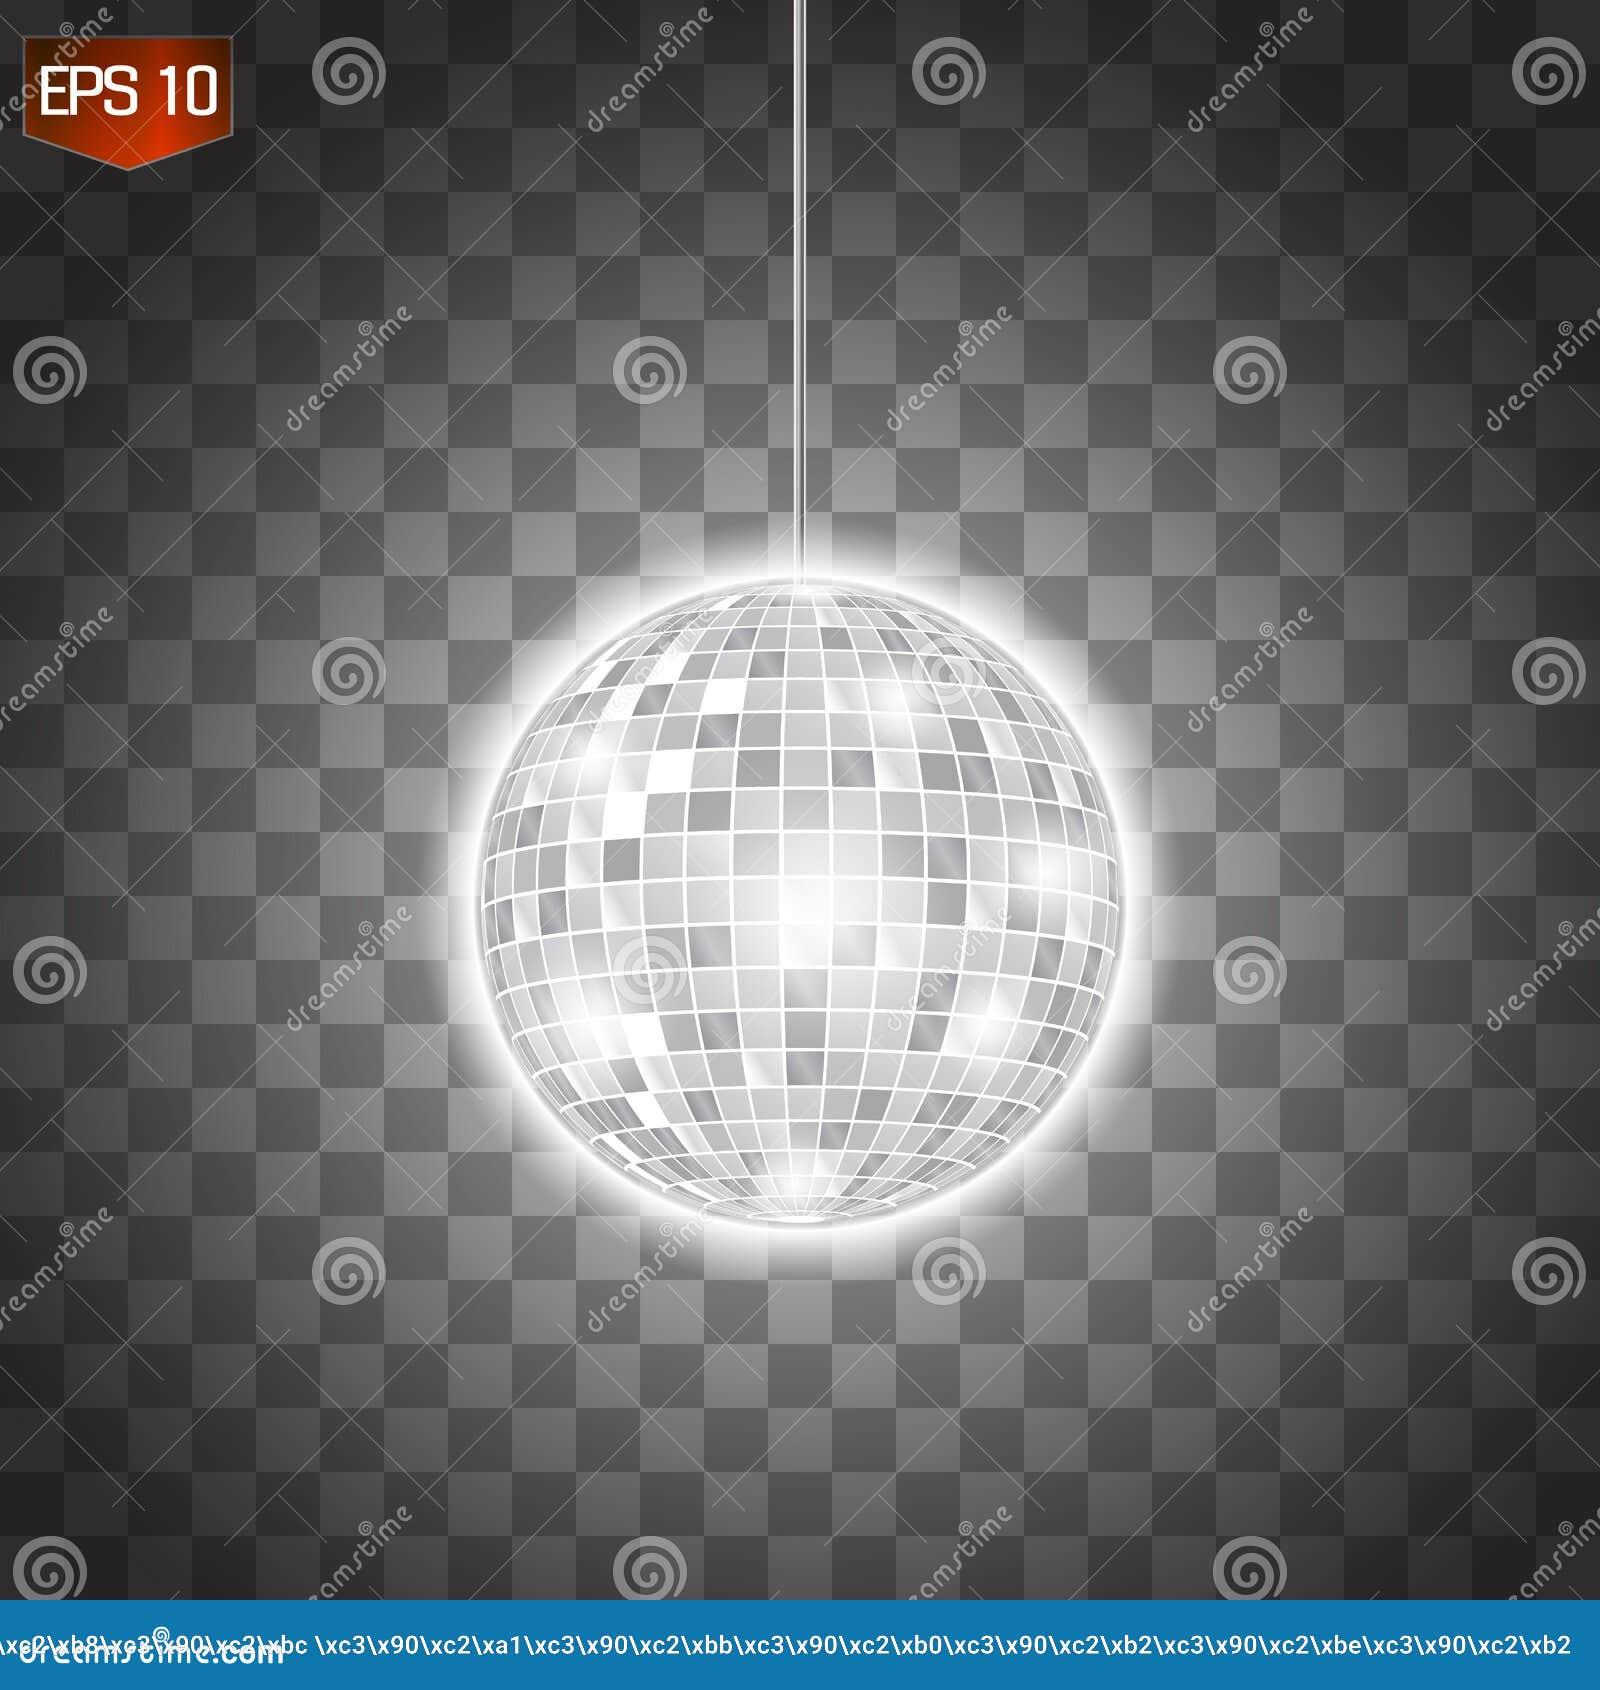 Αναδρομικό ασημένιο disco σύμβολο λεσχών σφαιρών διανυσματικό, λάμποντας της κατοχής της διασκέδασης, χορός, DJ που αναμιγνύει, ν